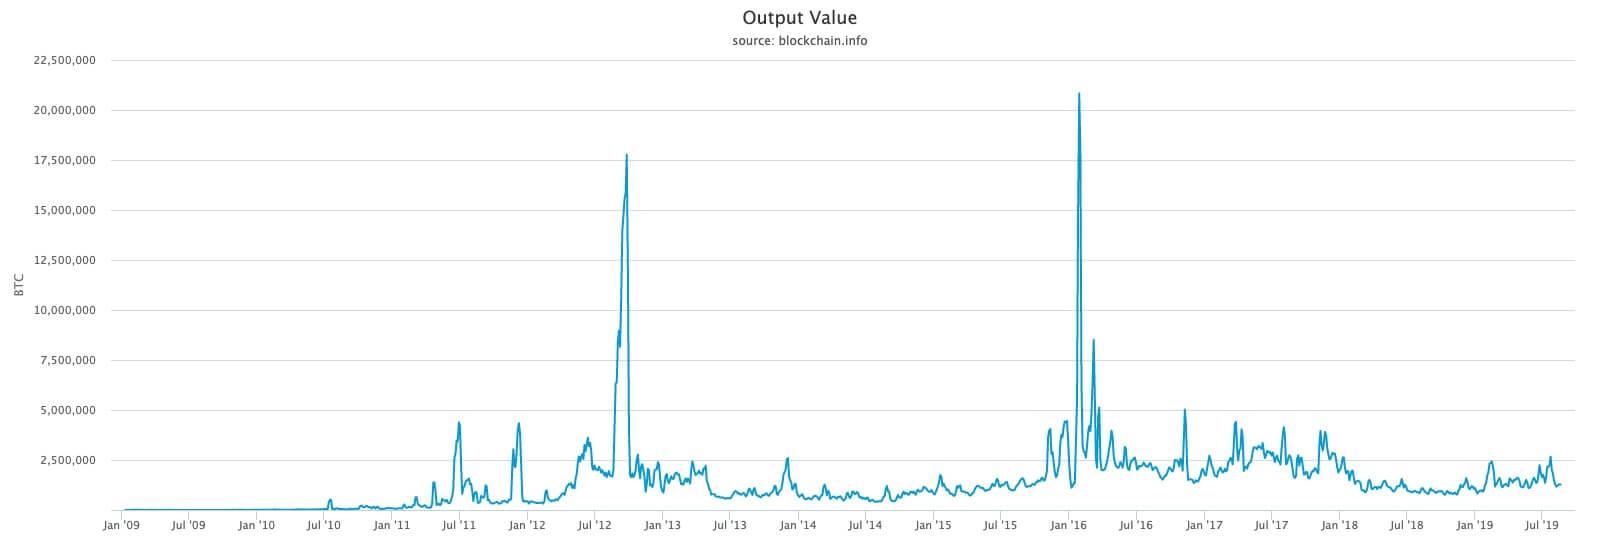 График объема биткоин-транзакций с 2009 по 2019 годы